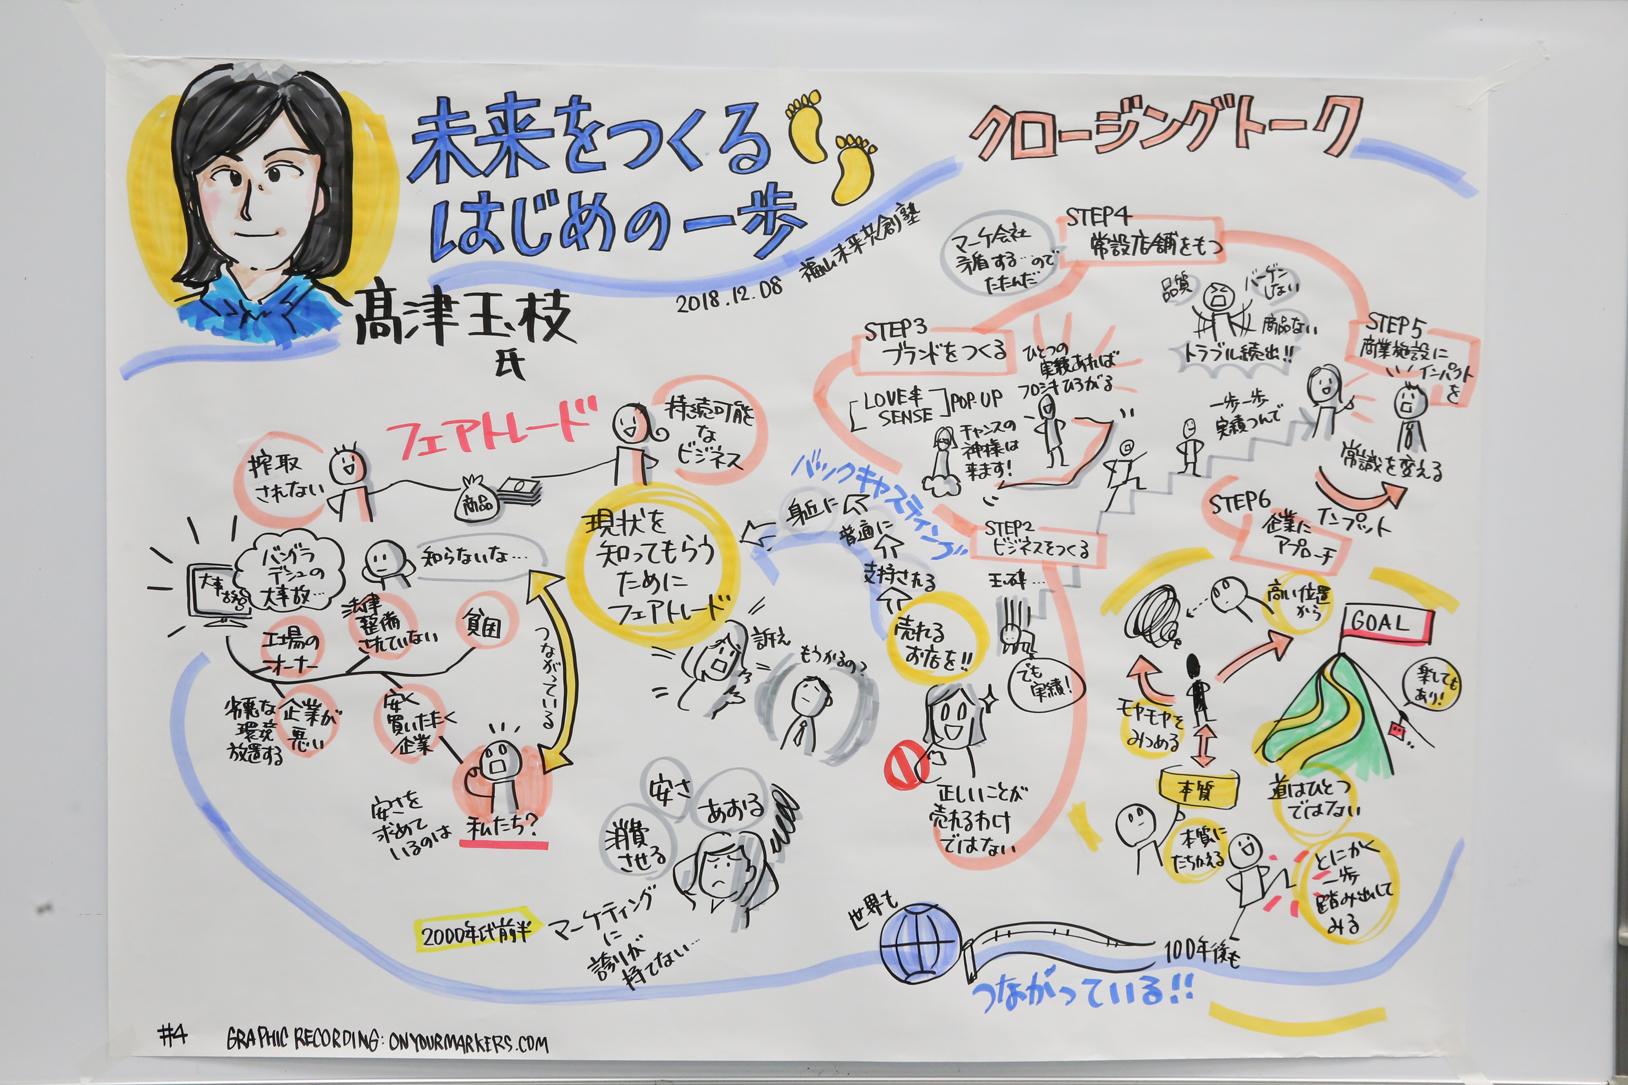 福山未来共創塾:12/8クロージングセッションレポート